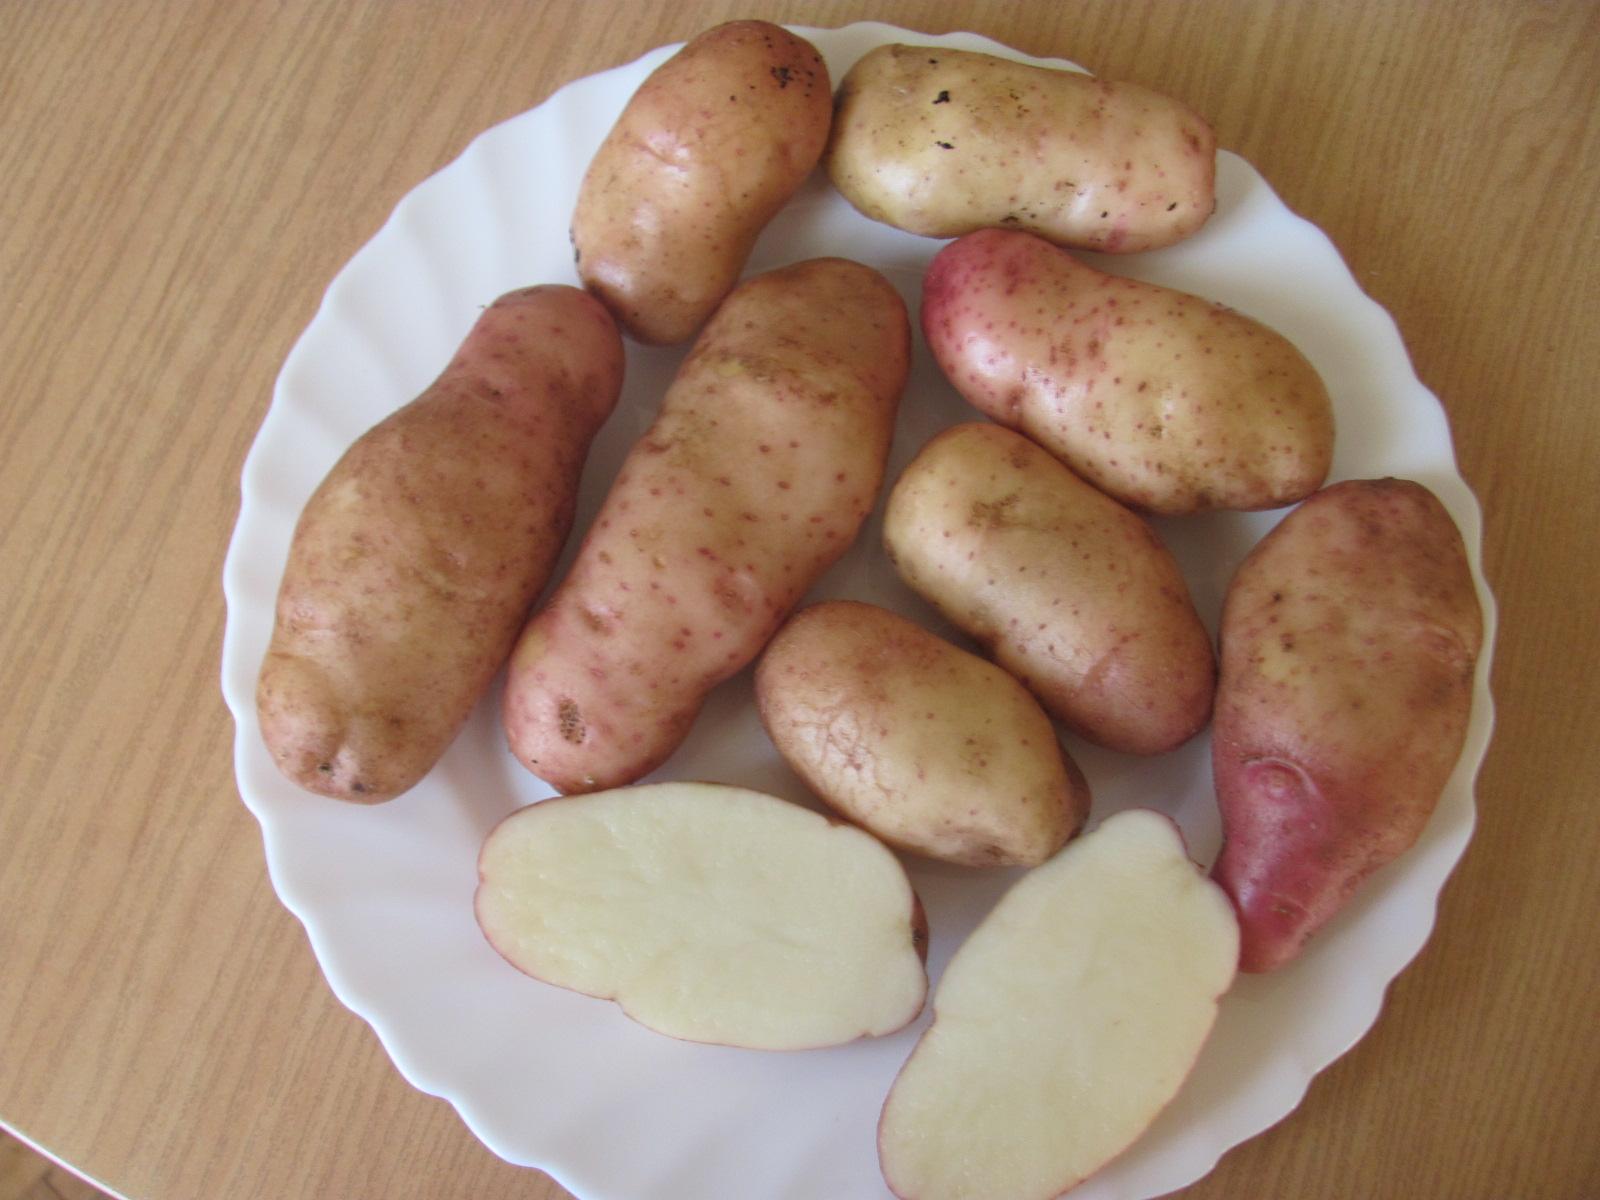 картофель кубанка описание сорта фото